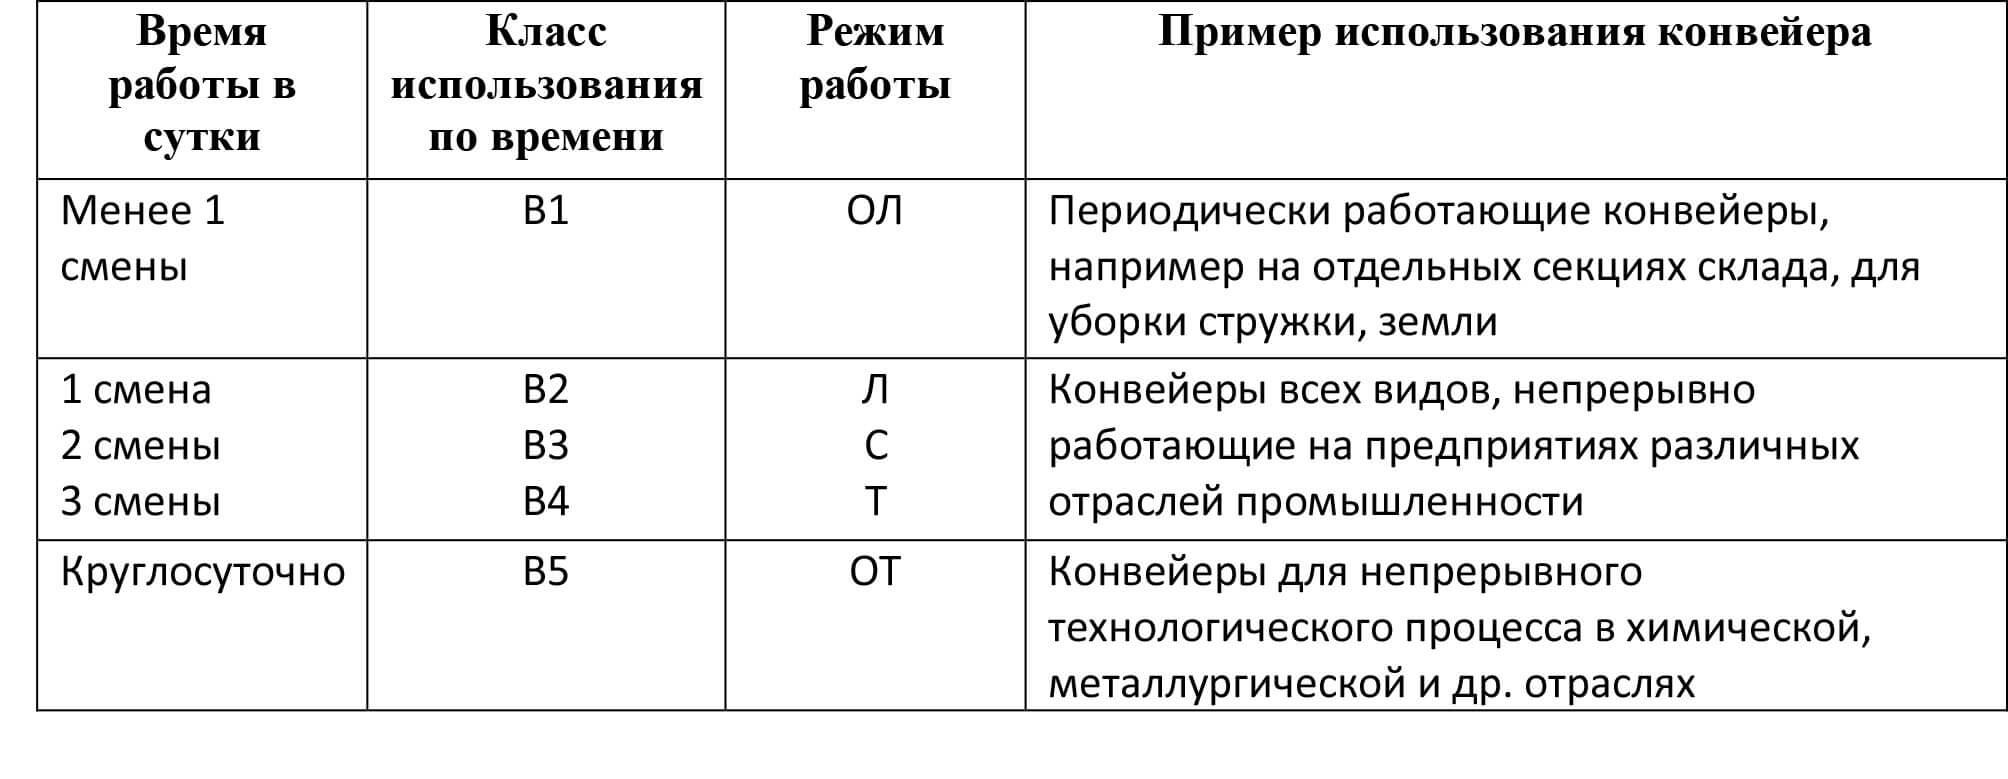 Примеры использования конвейеров